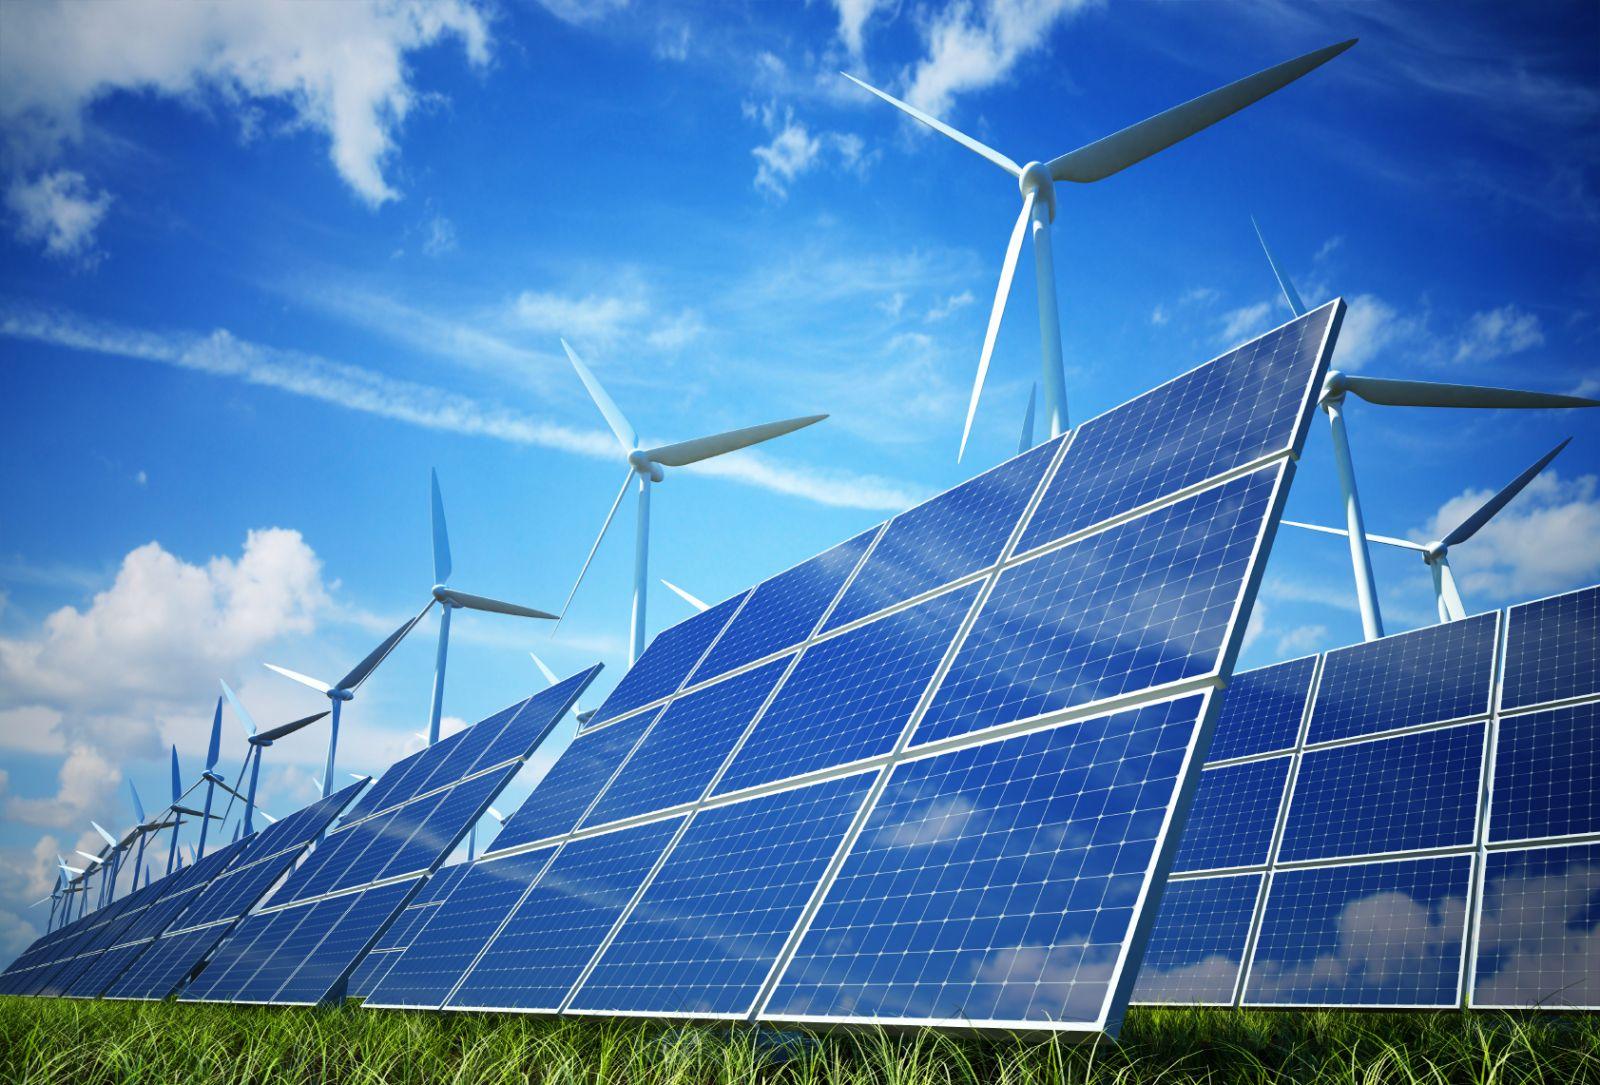 Peut-on atteindre le «tout renouvelable» sans revenir en arrière? La question se pose car on l'a déjà connu… il y a 300 ans